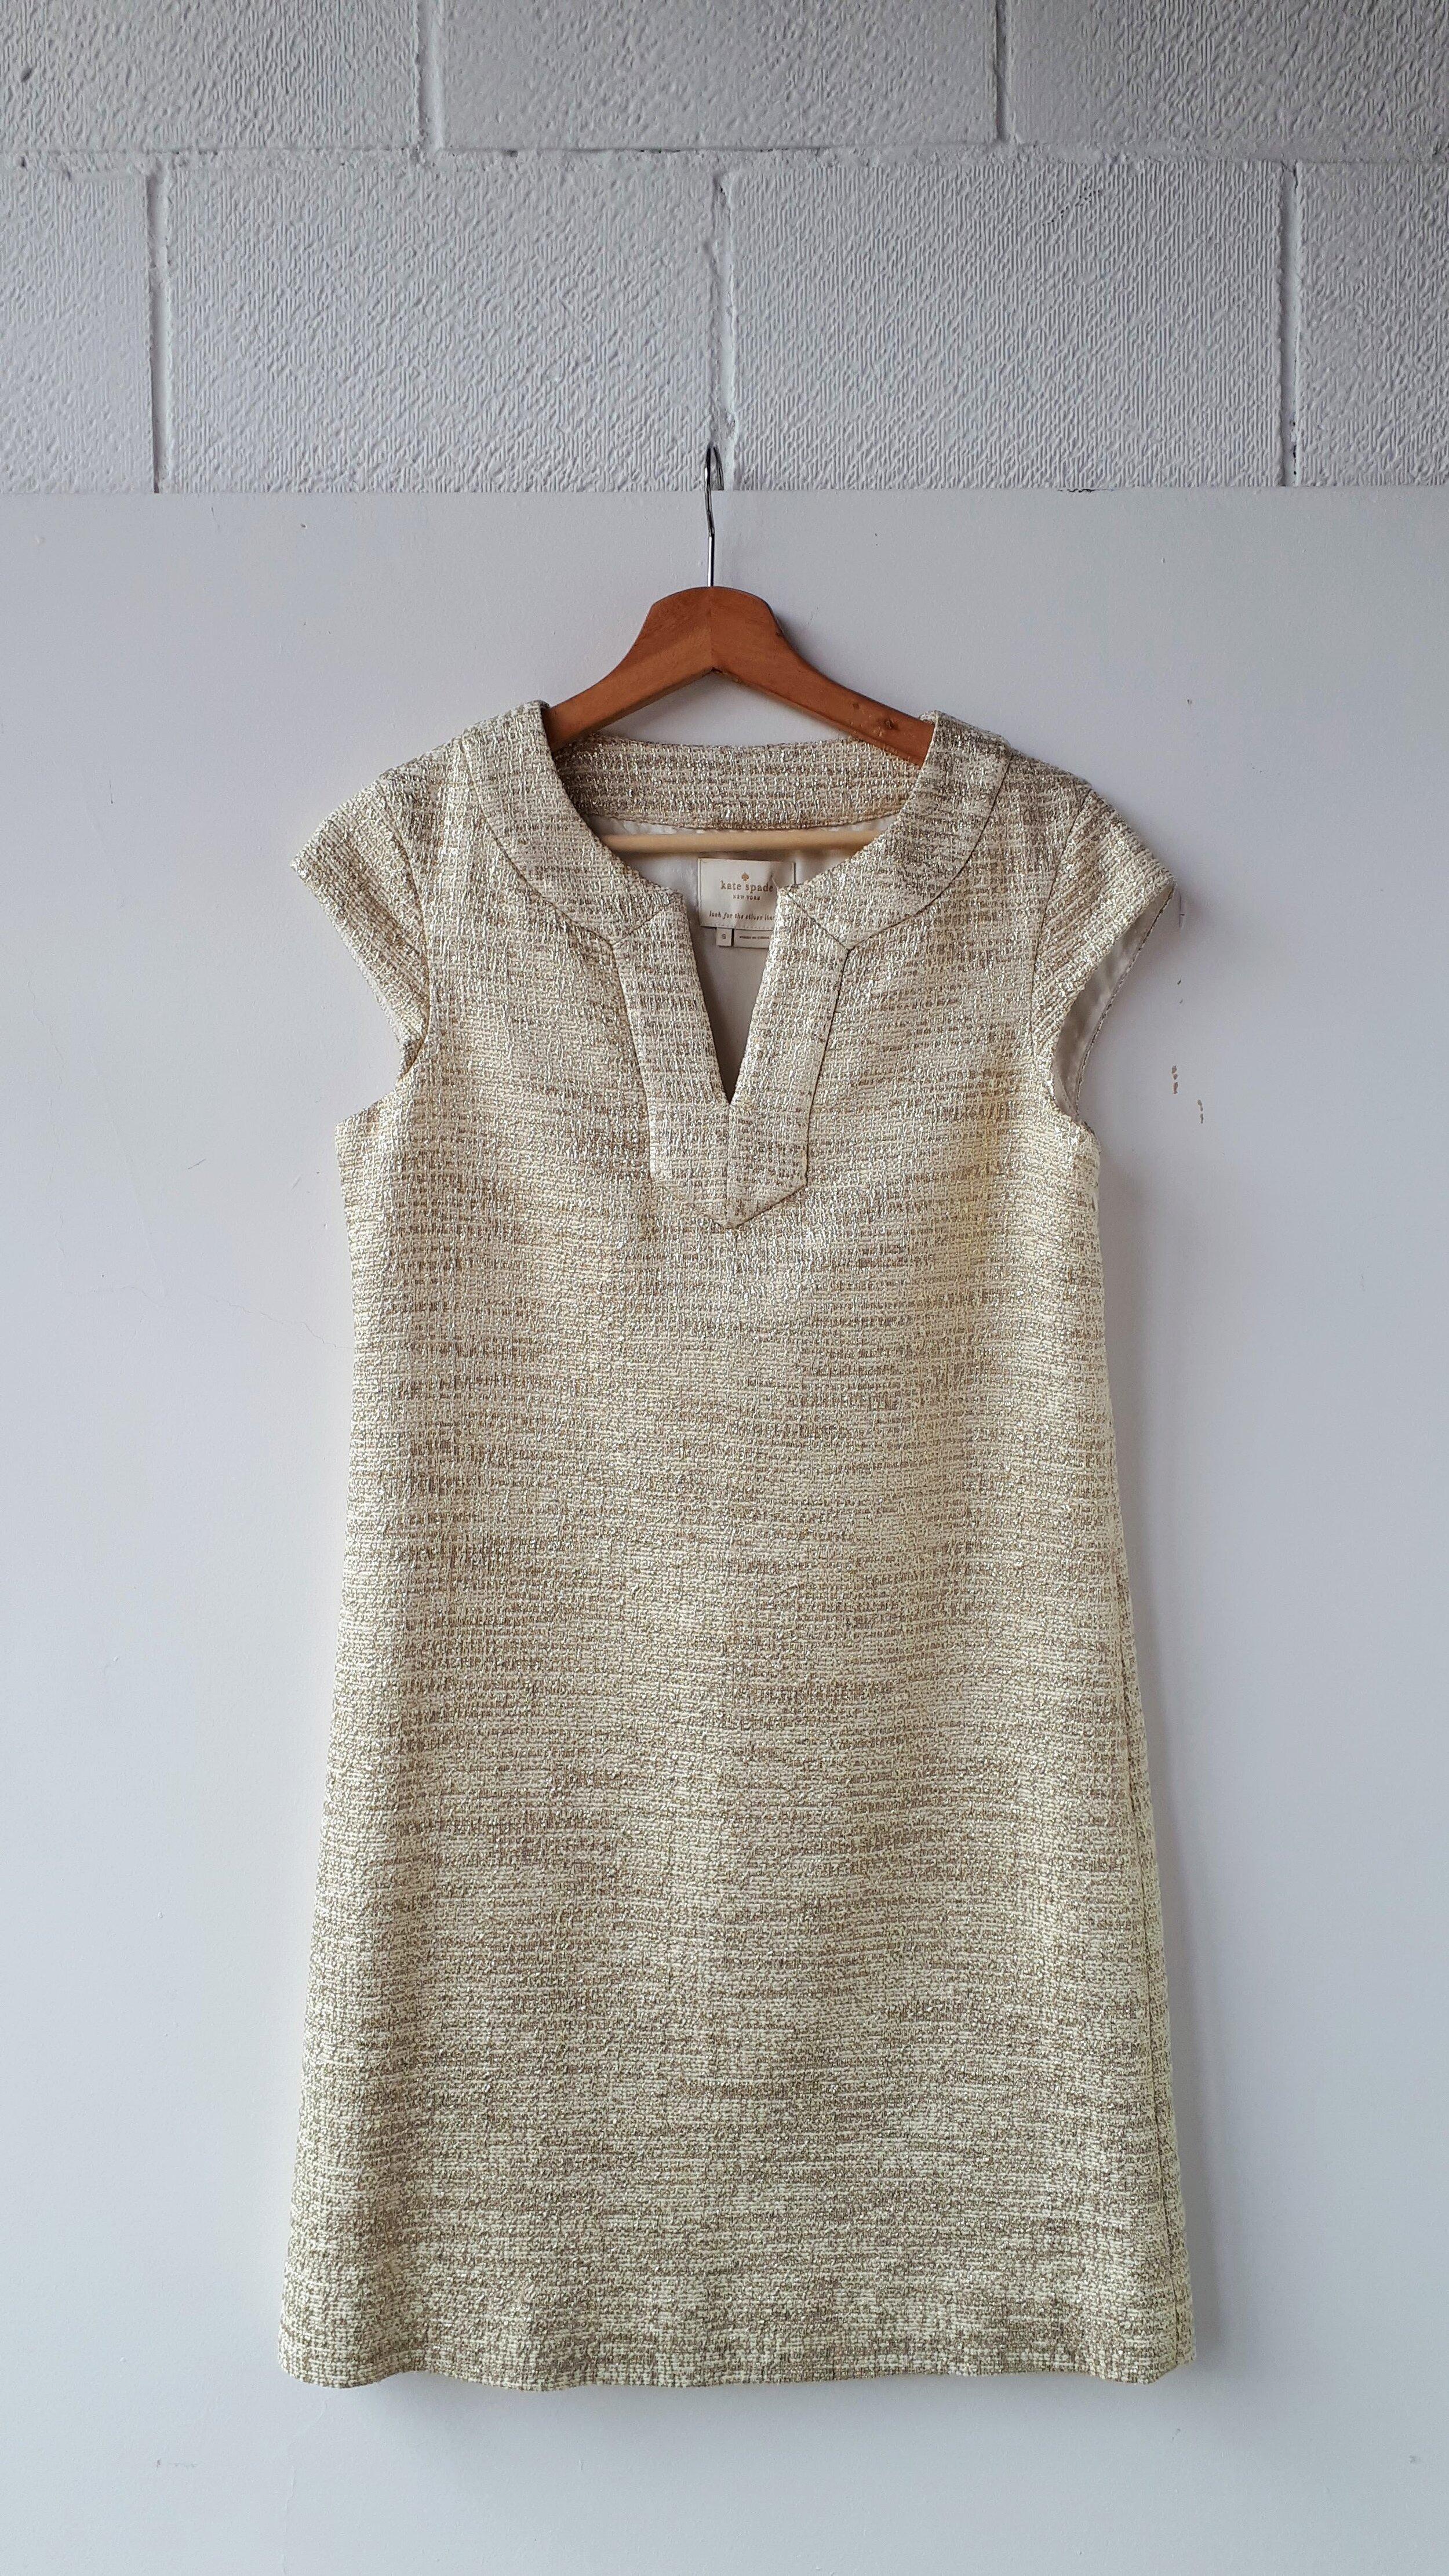 Kate Spade dress; Size 6, $75